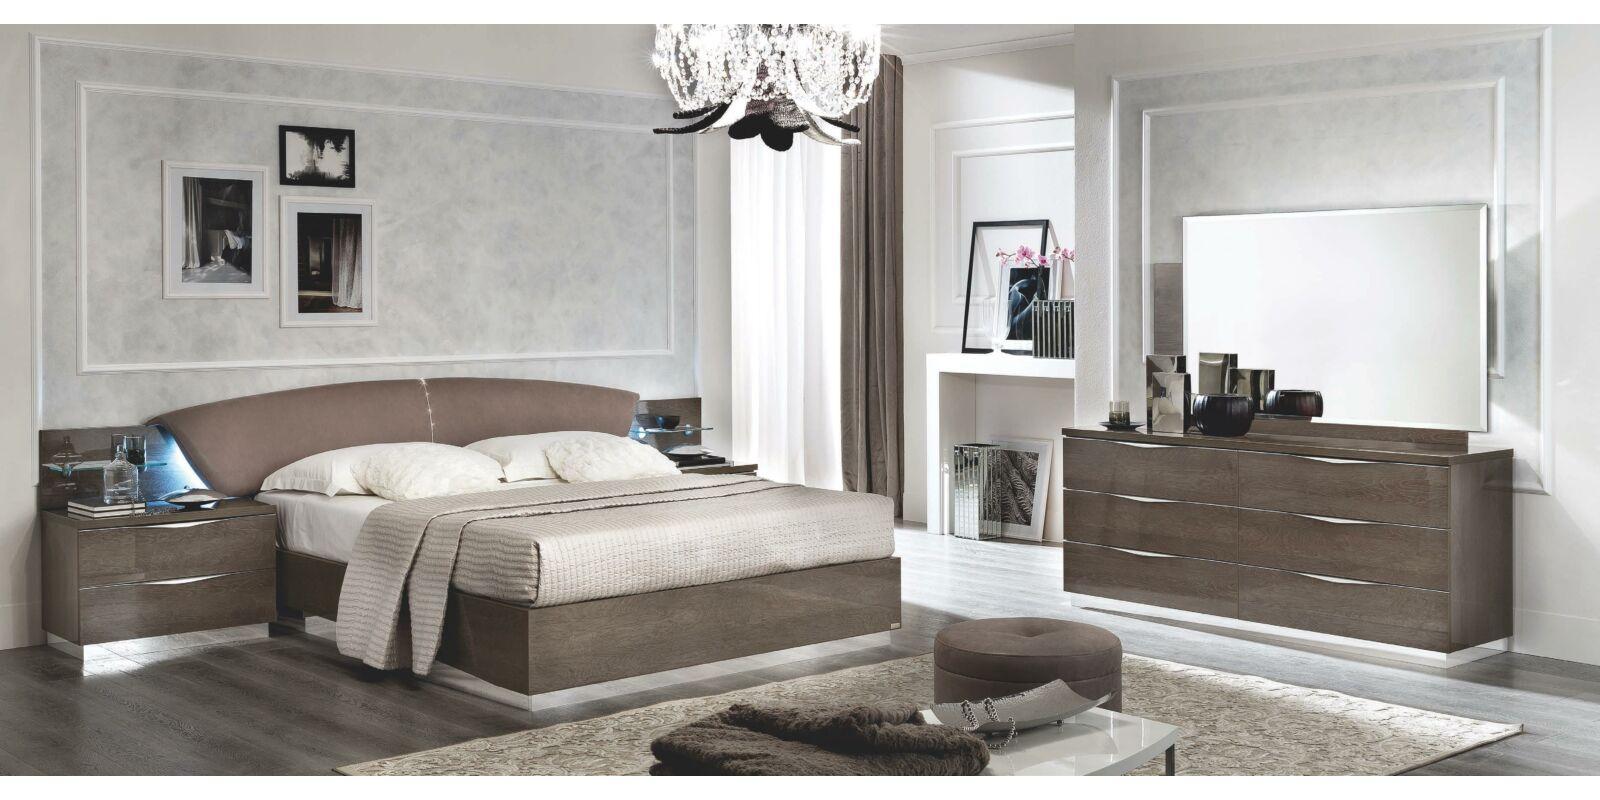 Platinum hálószoba garnitúra 4-ajtós szekrénnyel, 160x200-as ...